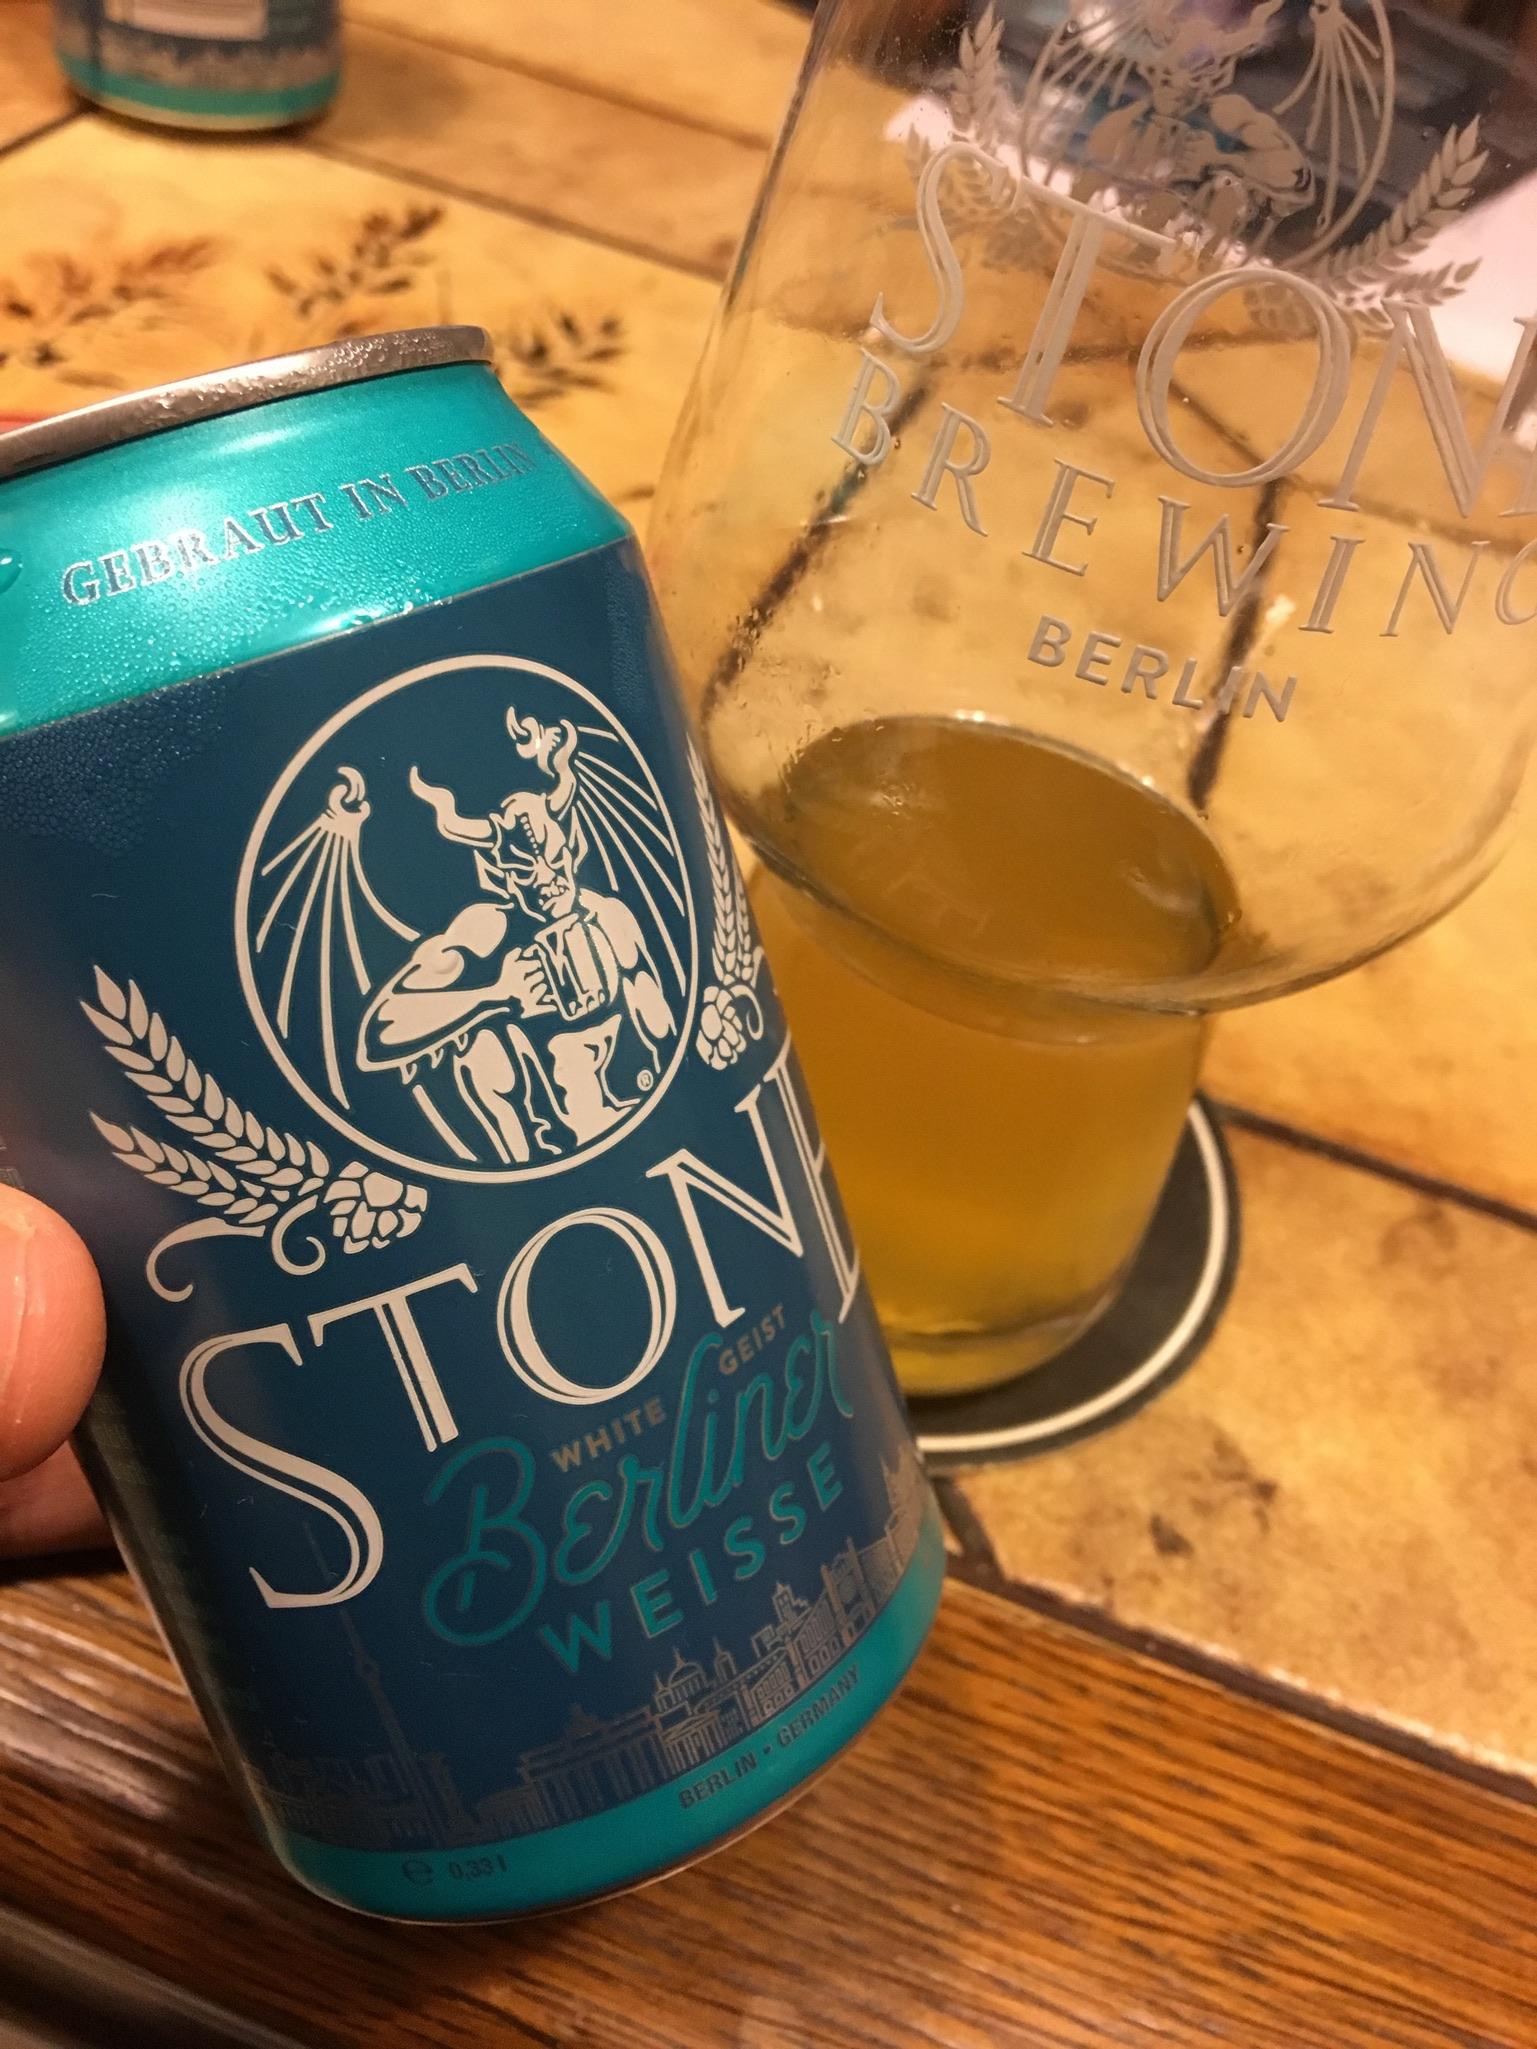 Stone Brewing Berlin – White Geist (Berliner Weisse)